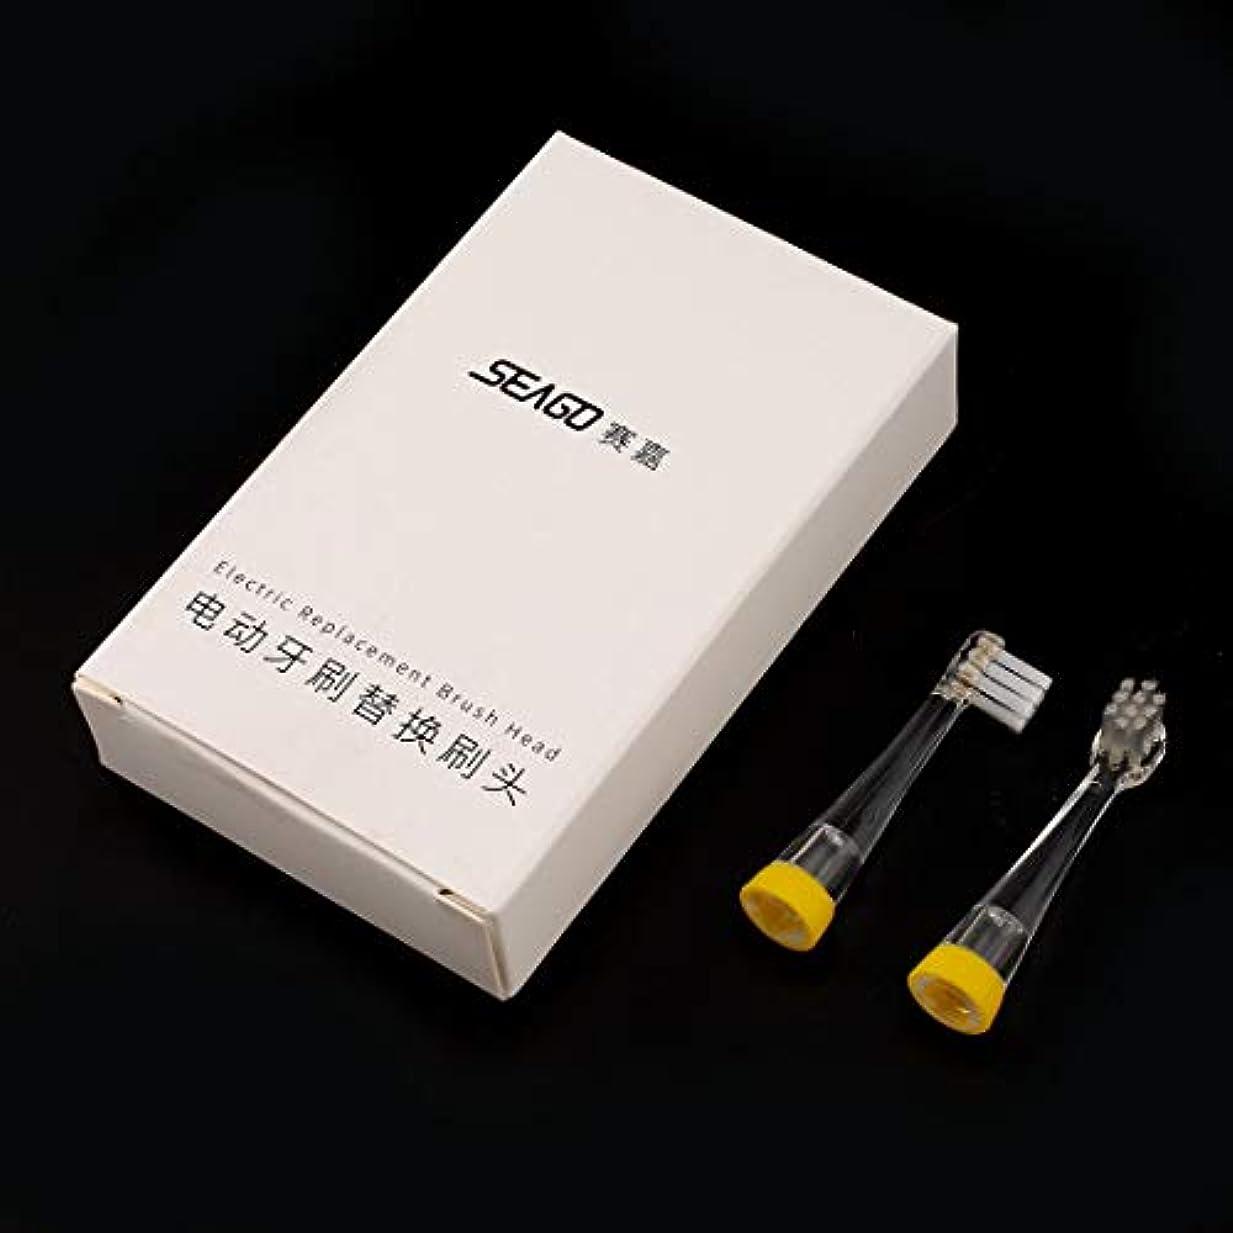 やむを得ない選択調べるSeago SG-811子供用電動歯ブラシソフトデュポンナイロン毛用2個ポータブル電動交換ブラシヘッド (PandaWelly)